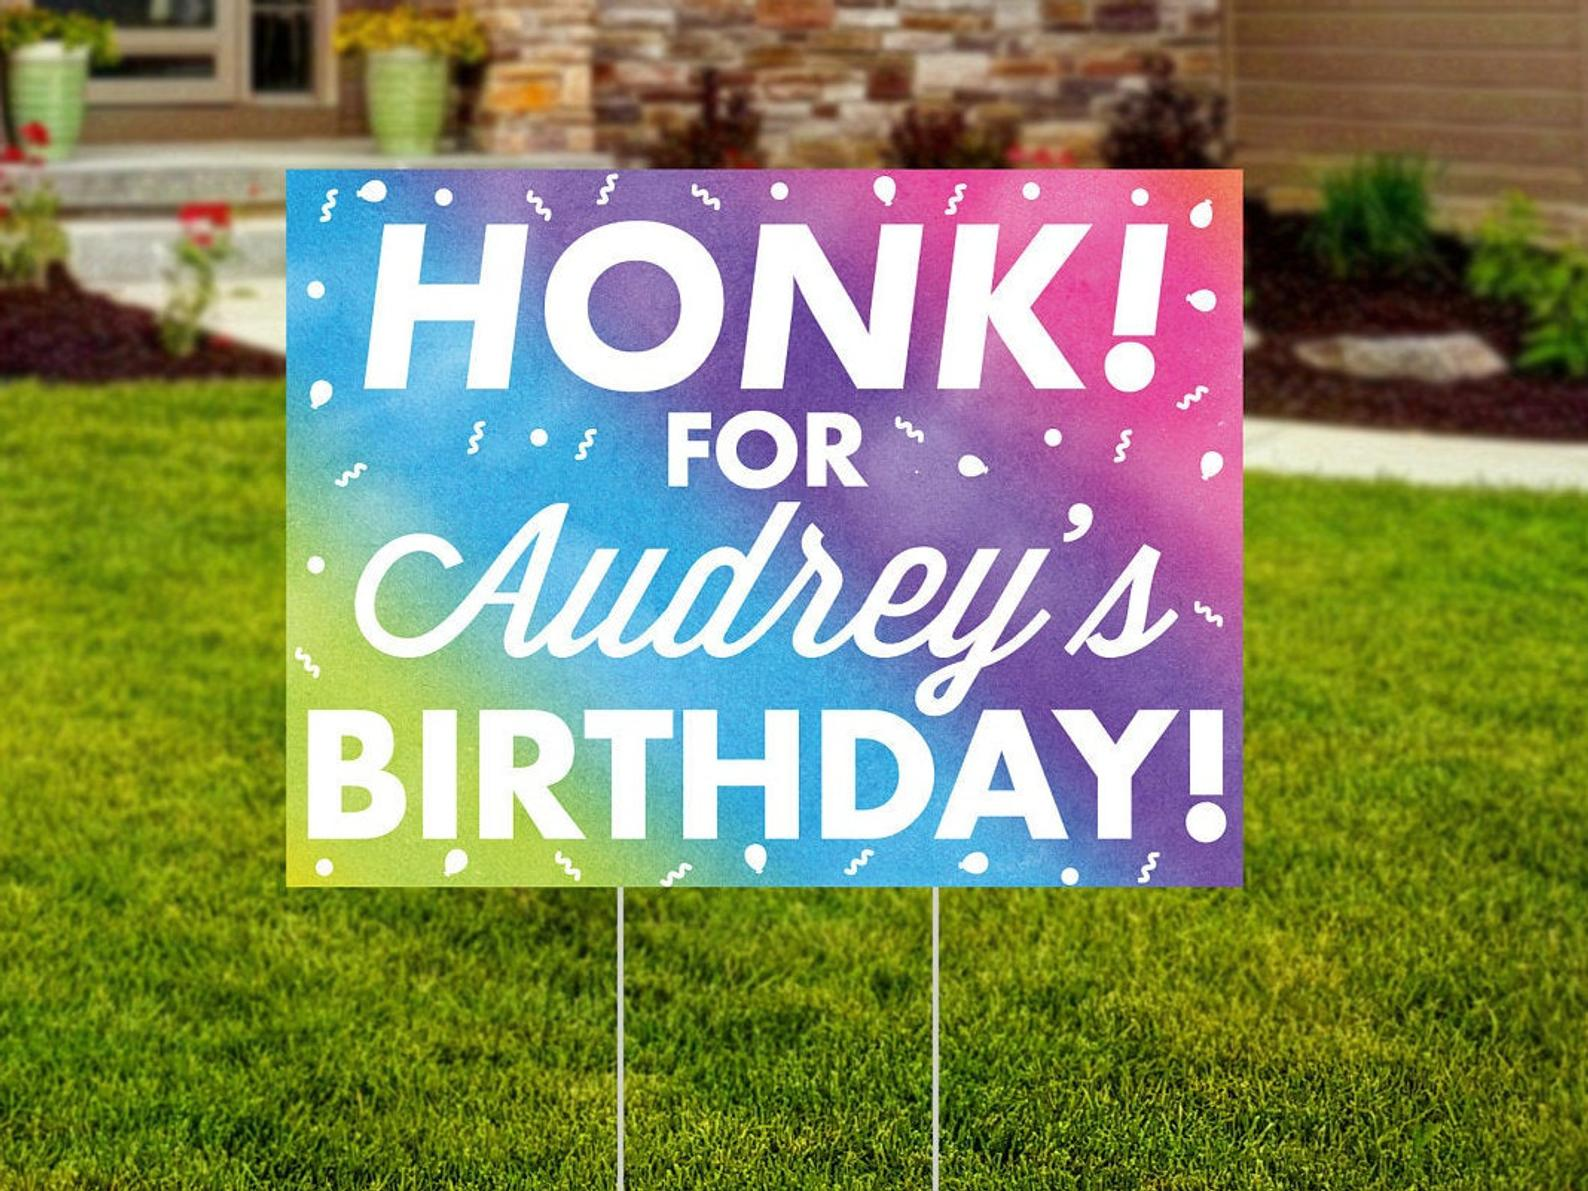 quarantine birthday ideas, birthday yard sign